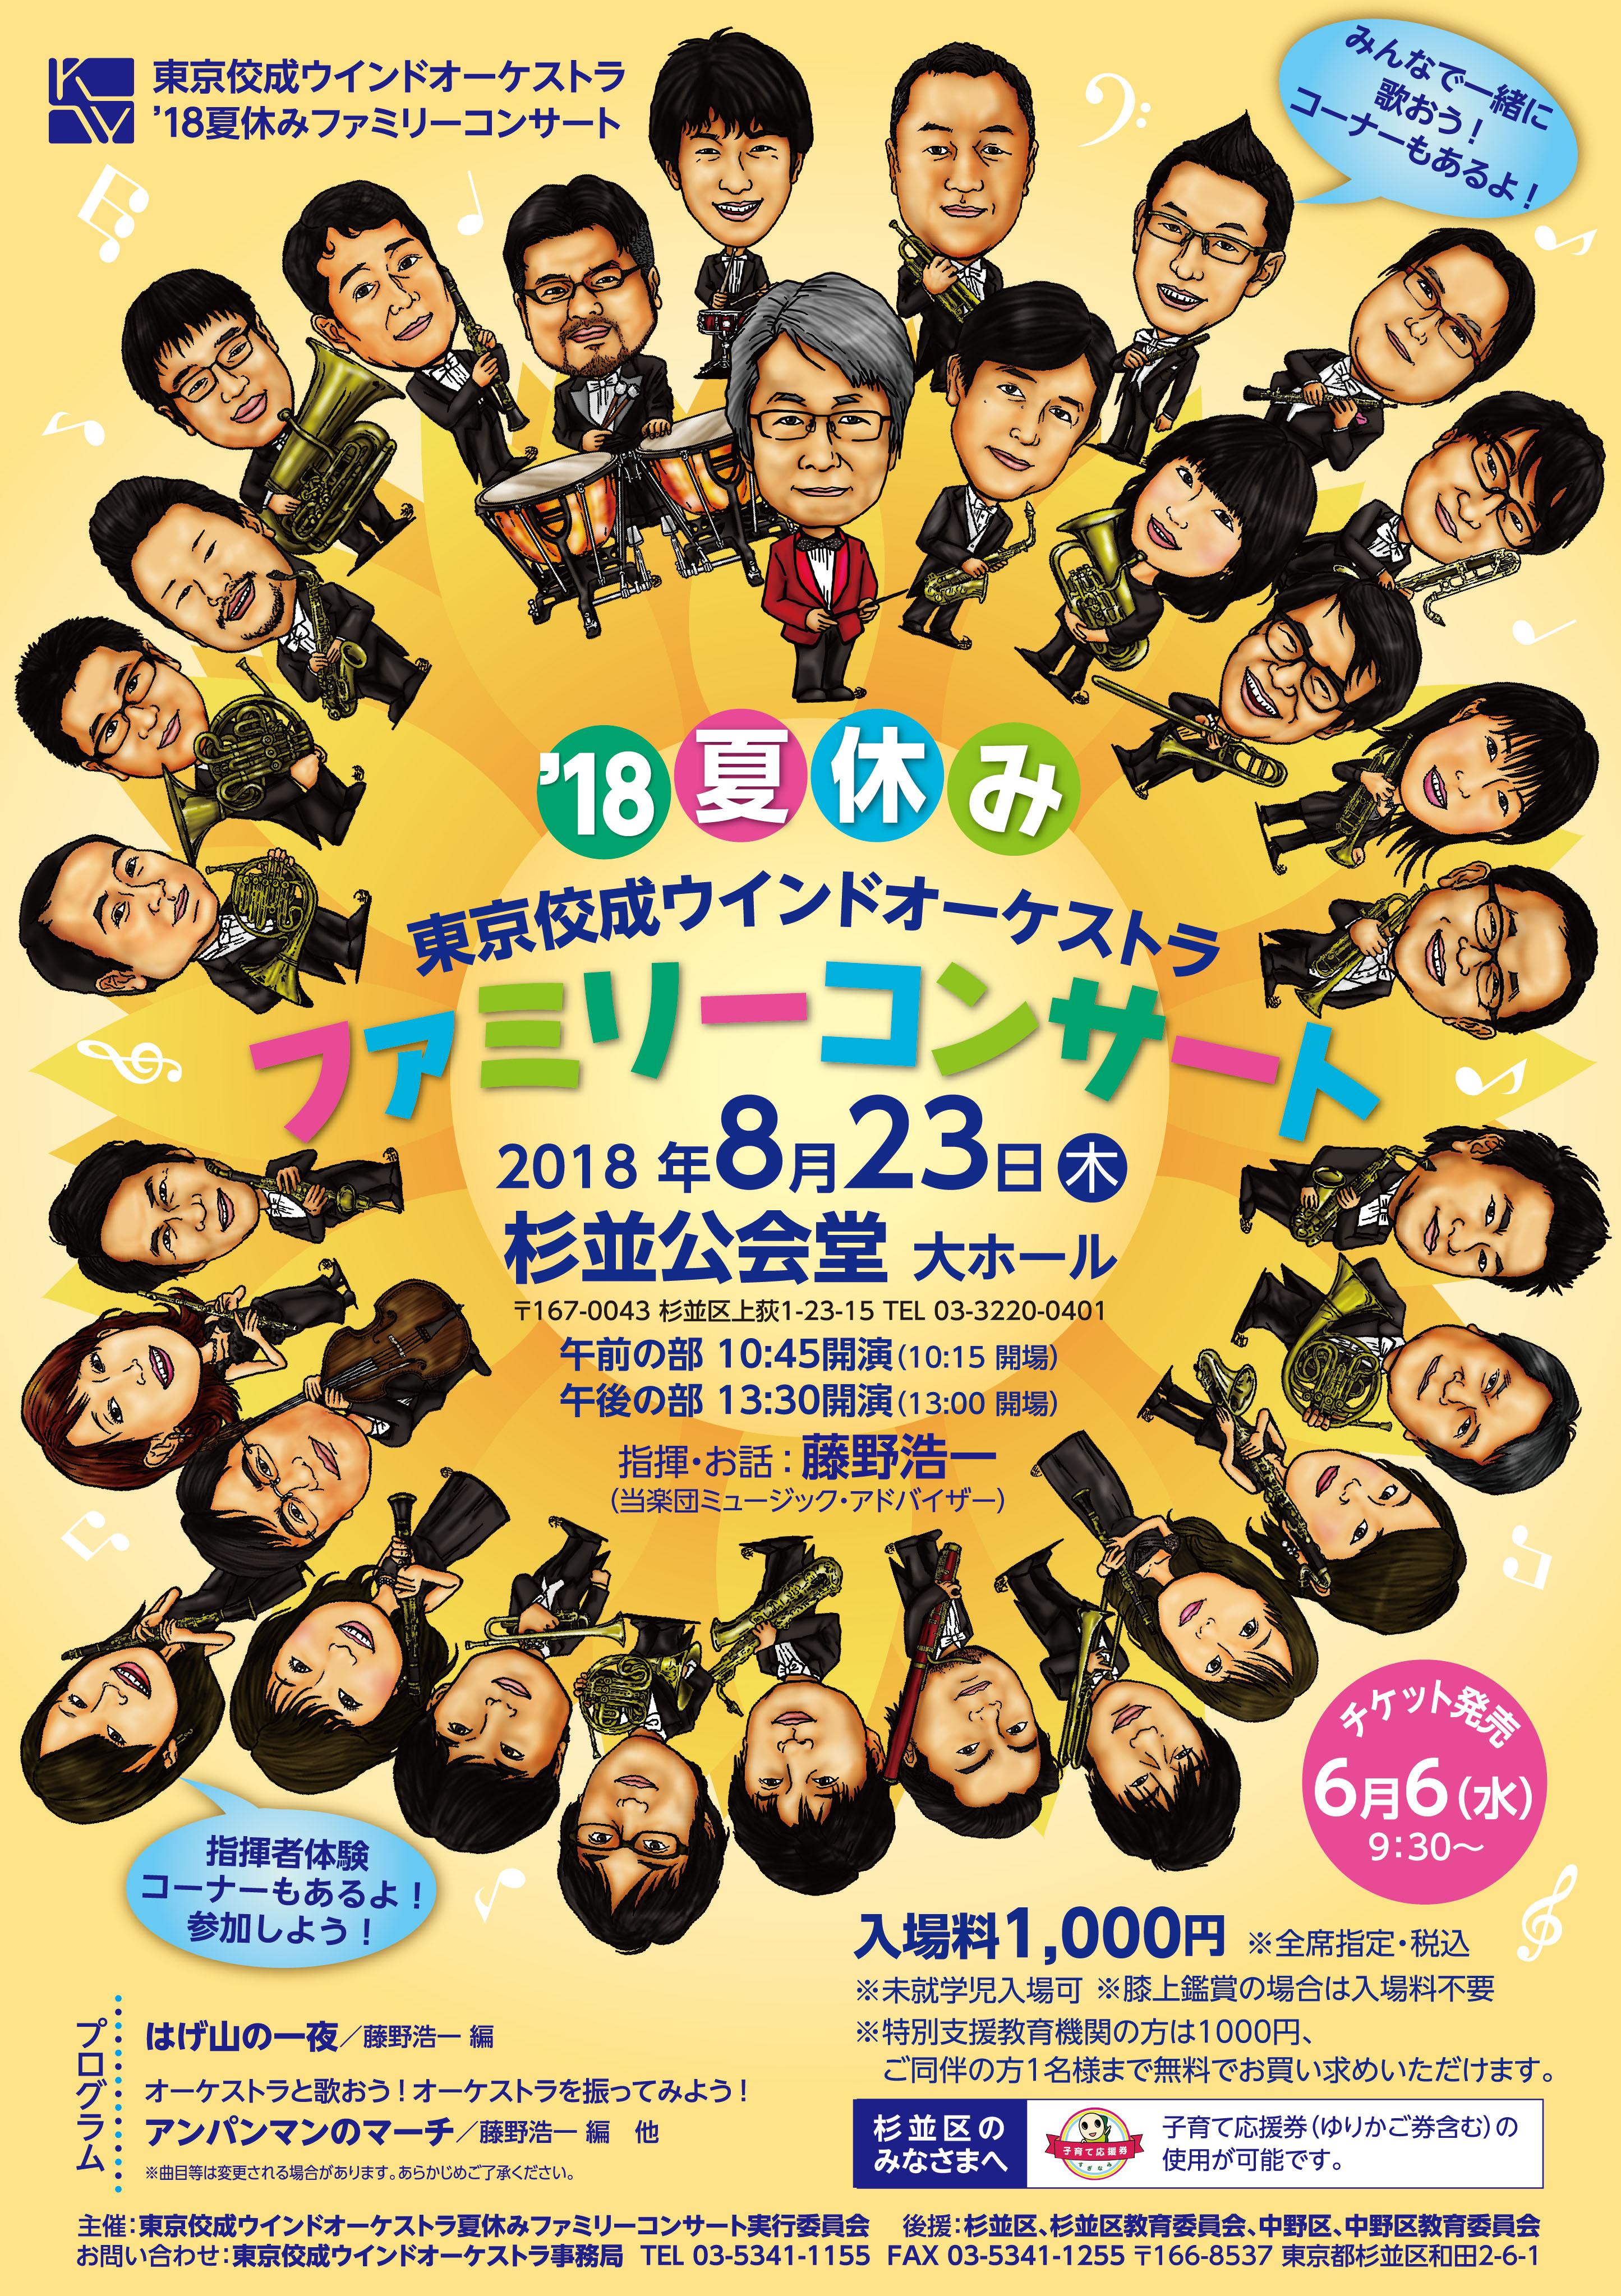 '18 夏休みファミリーコンサート (午前の部)